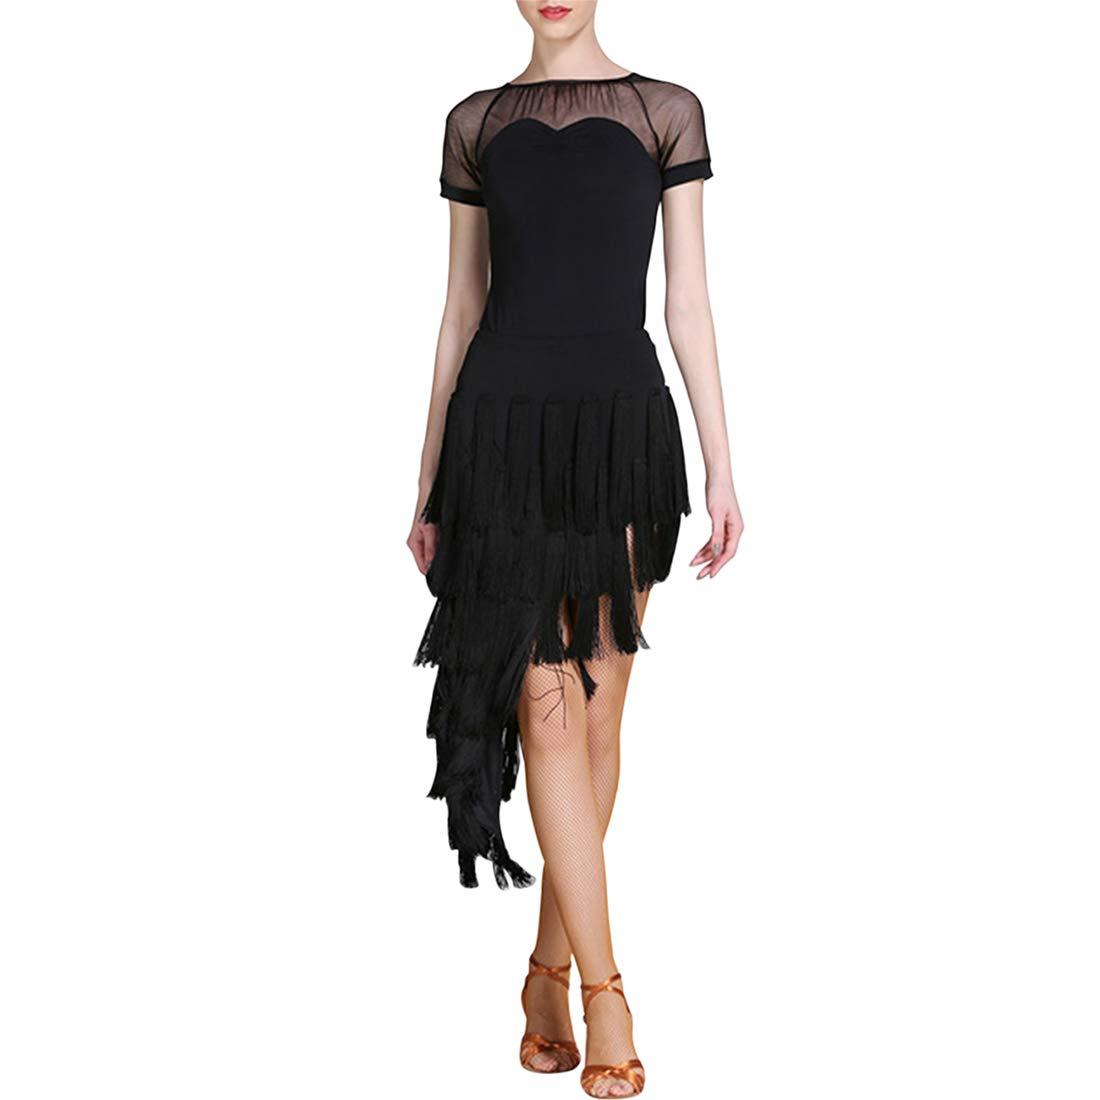 Black BESBOMIG Stylish Latin Dance Dress Sets Women  Short Sleeve HighLow Dance Clothing